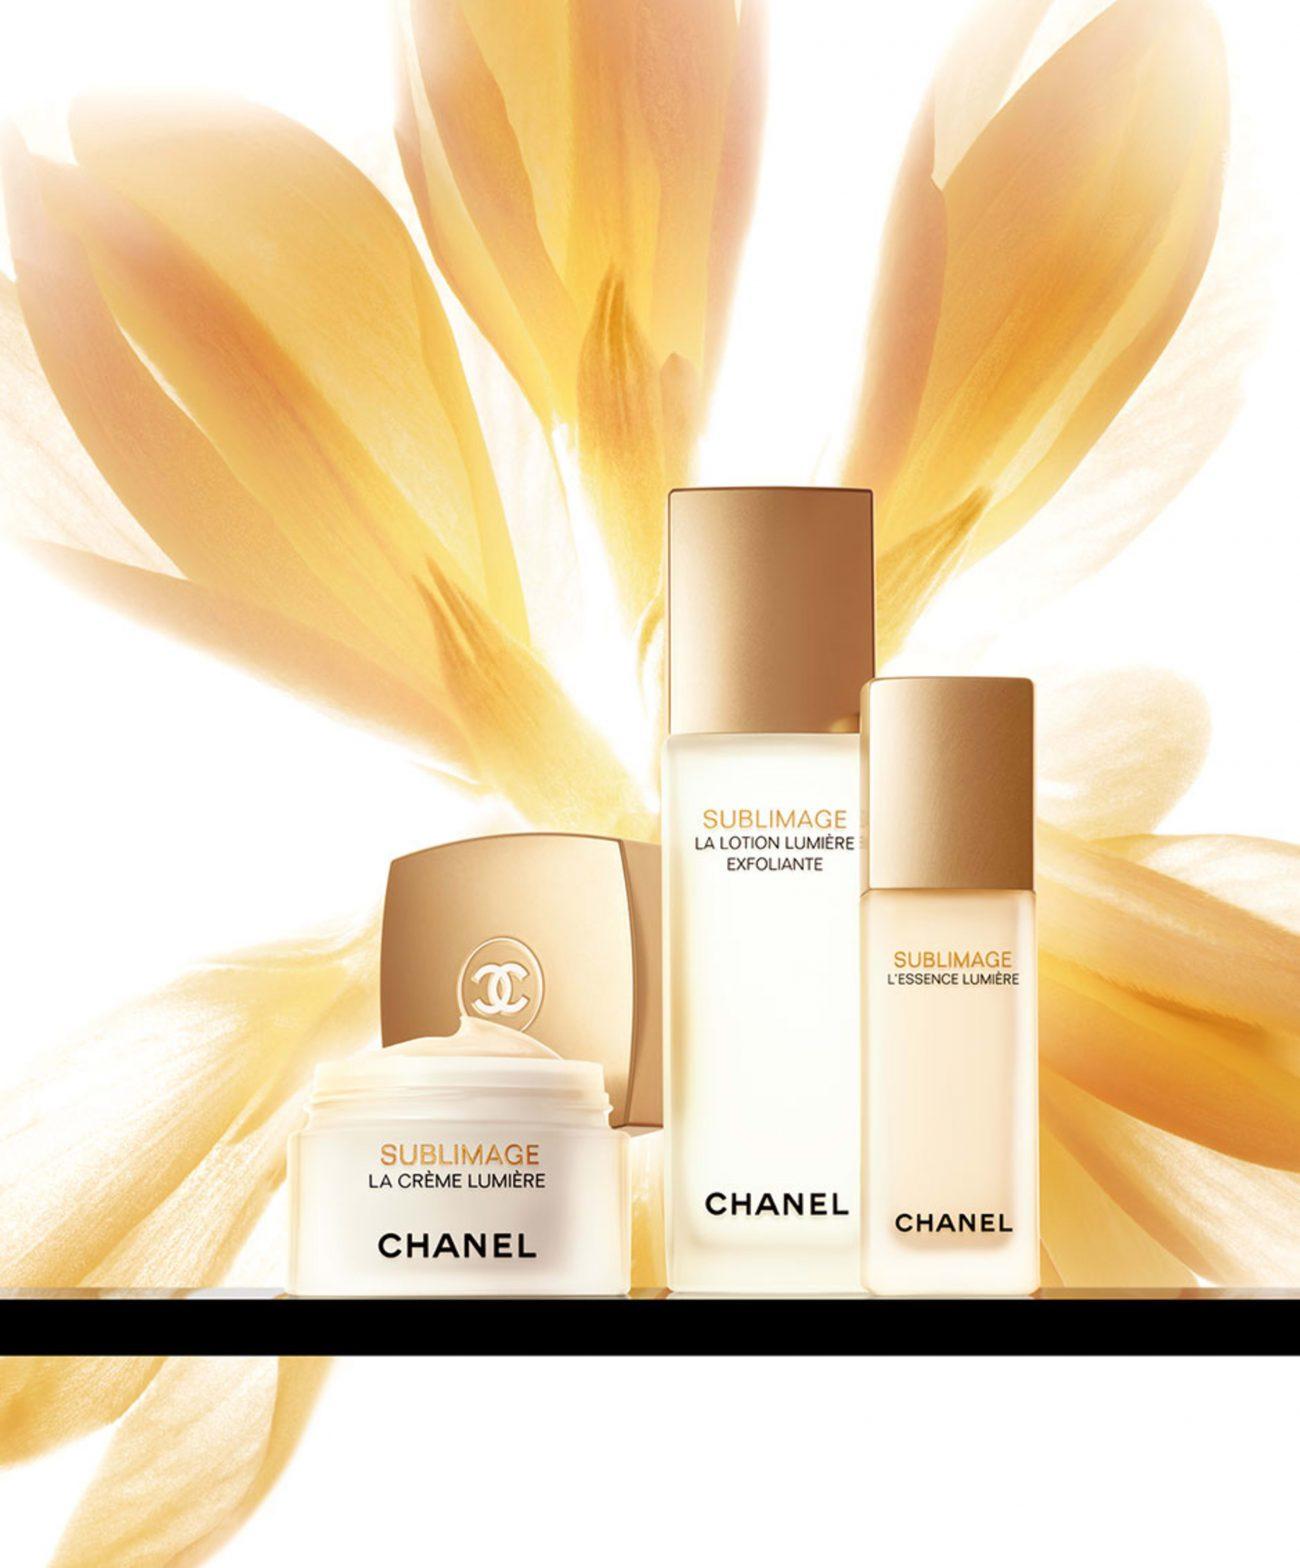 Линейка Sublimage Chanel